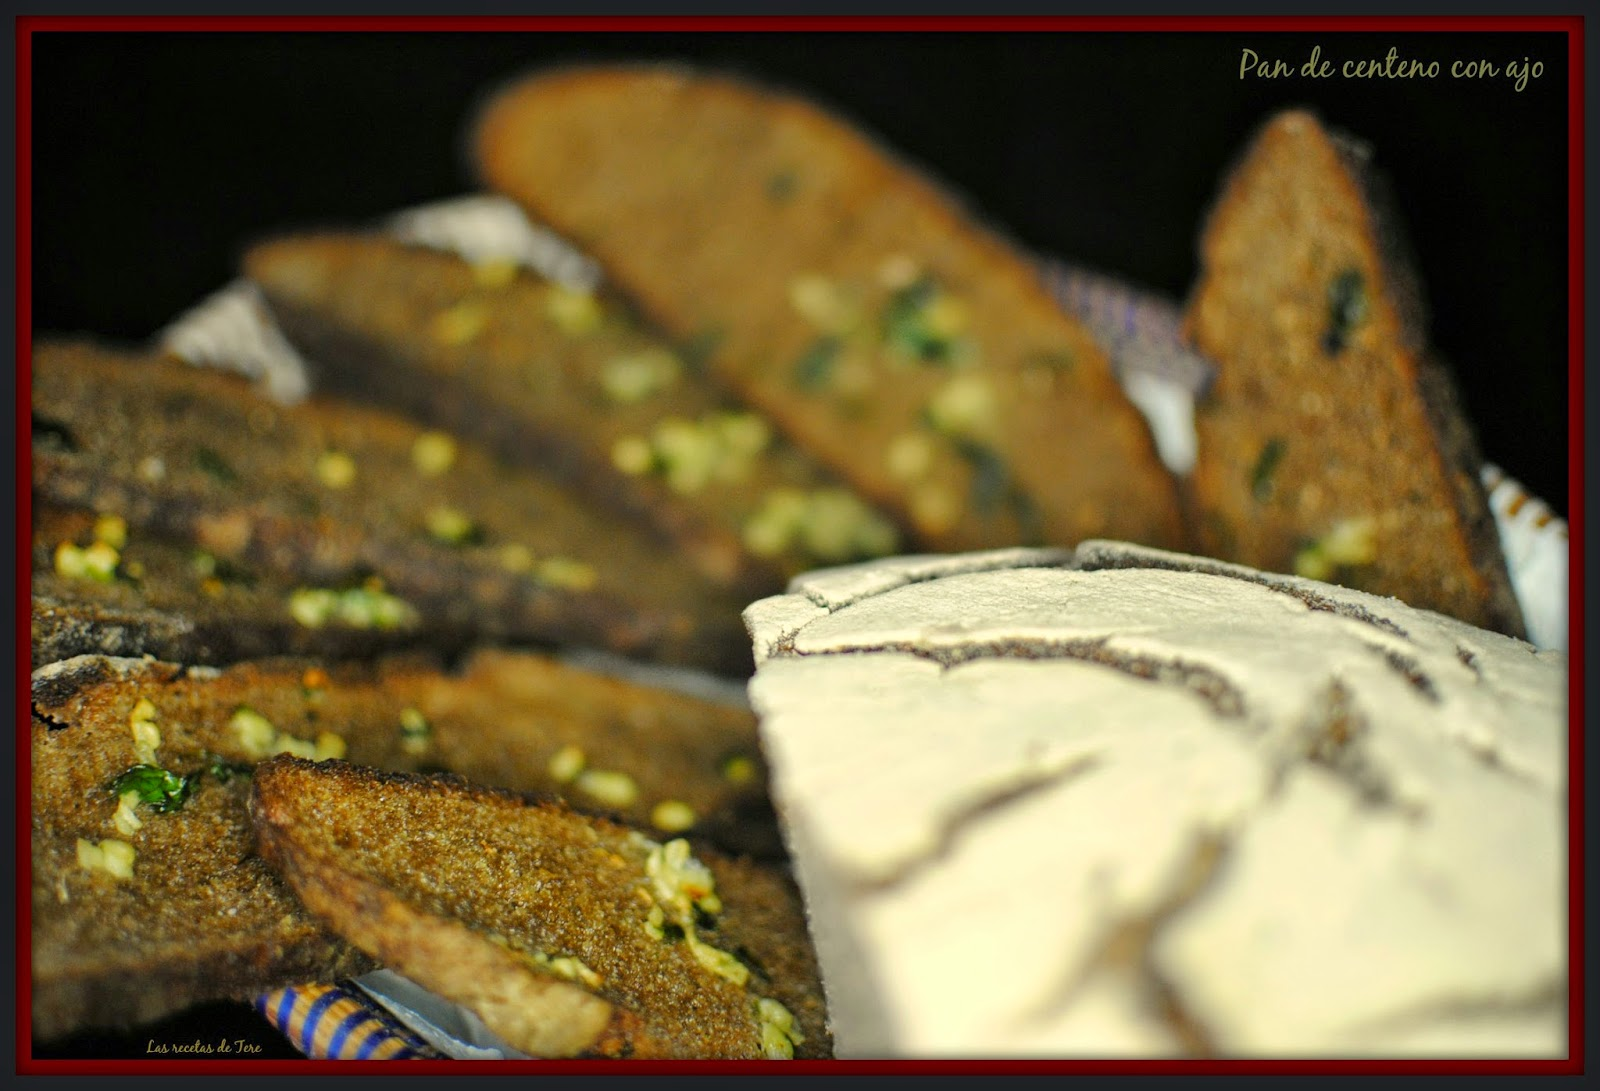 Pan de centeno con ajo tererecetas 03